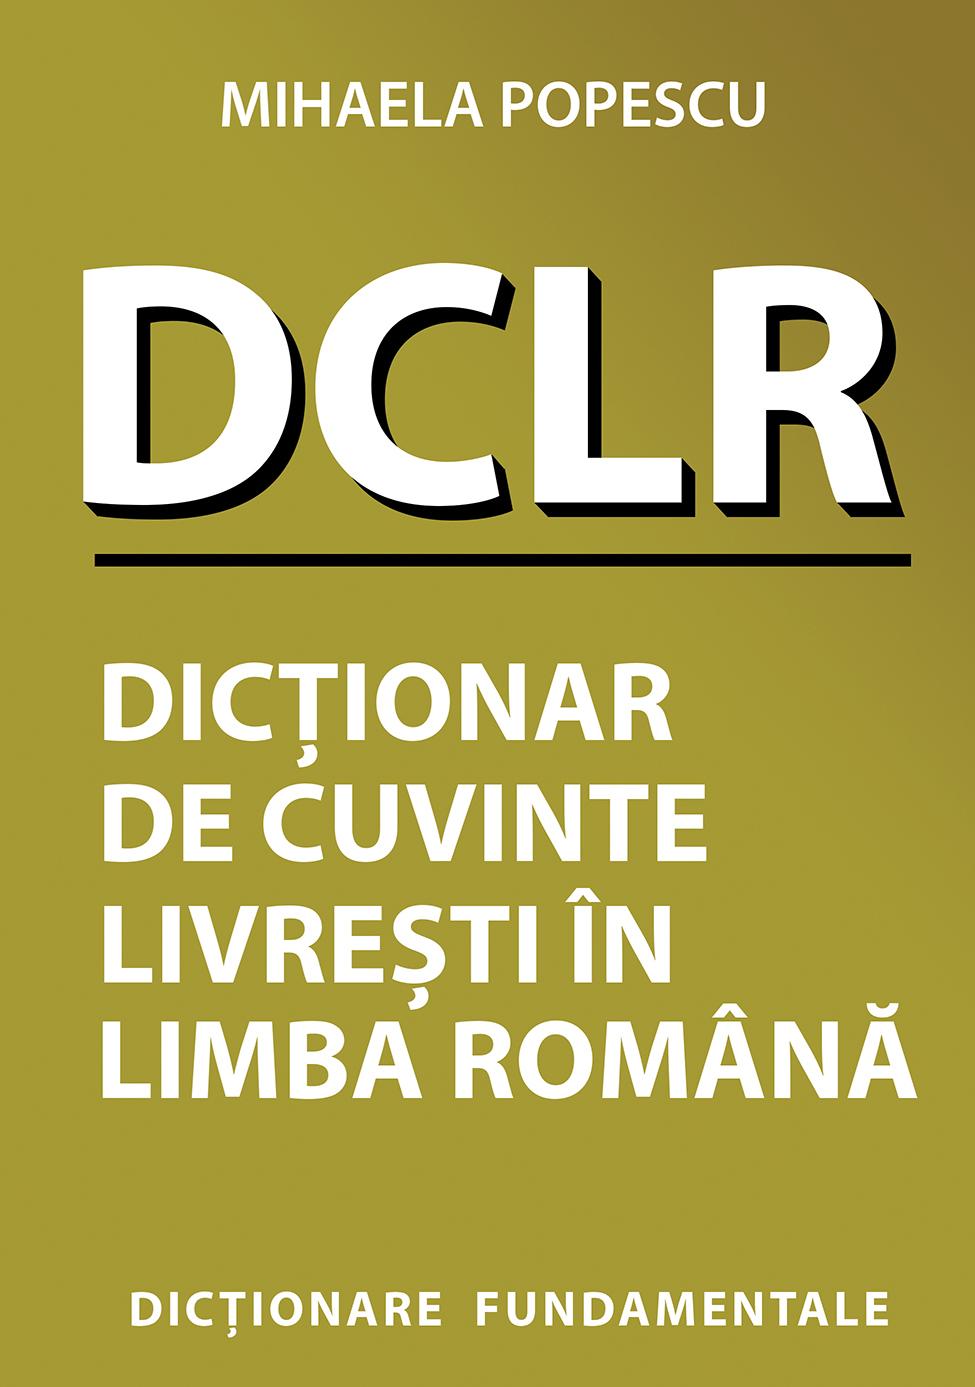 - Dictionar de cuvinte livresti in limba romana _Mihaela Popescu